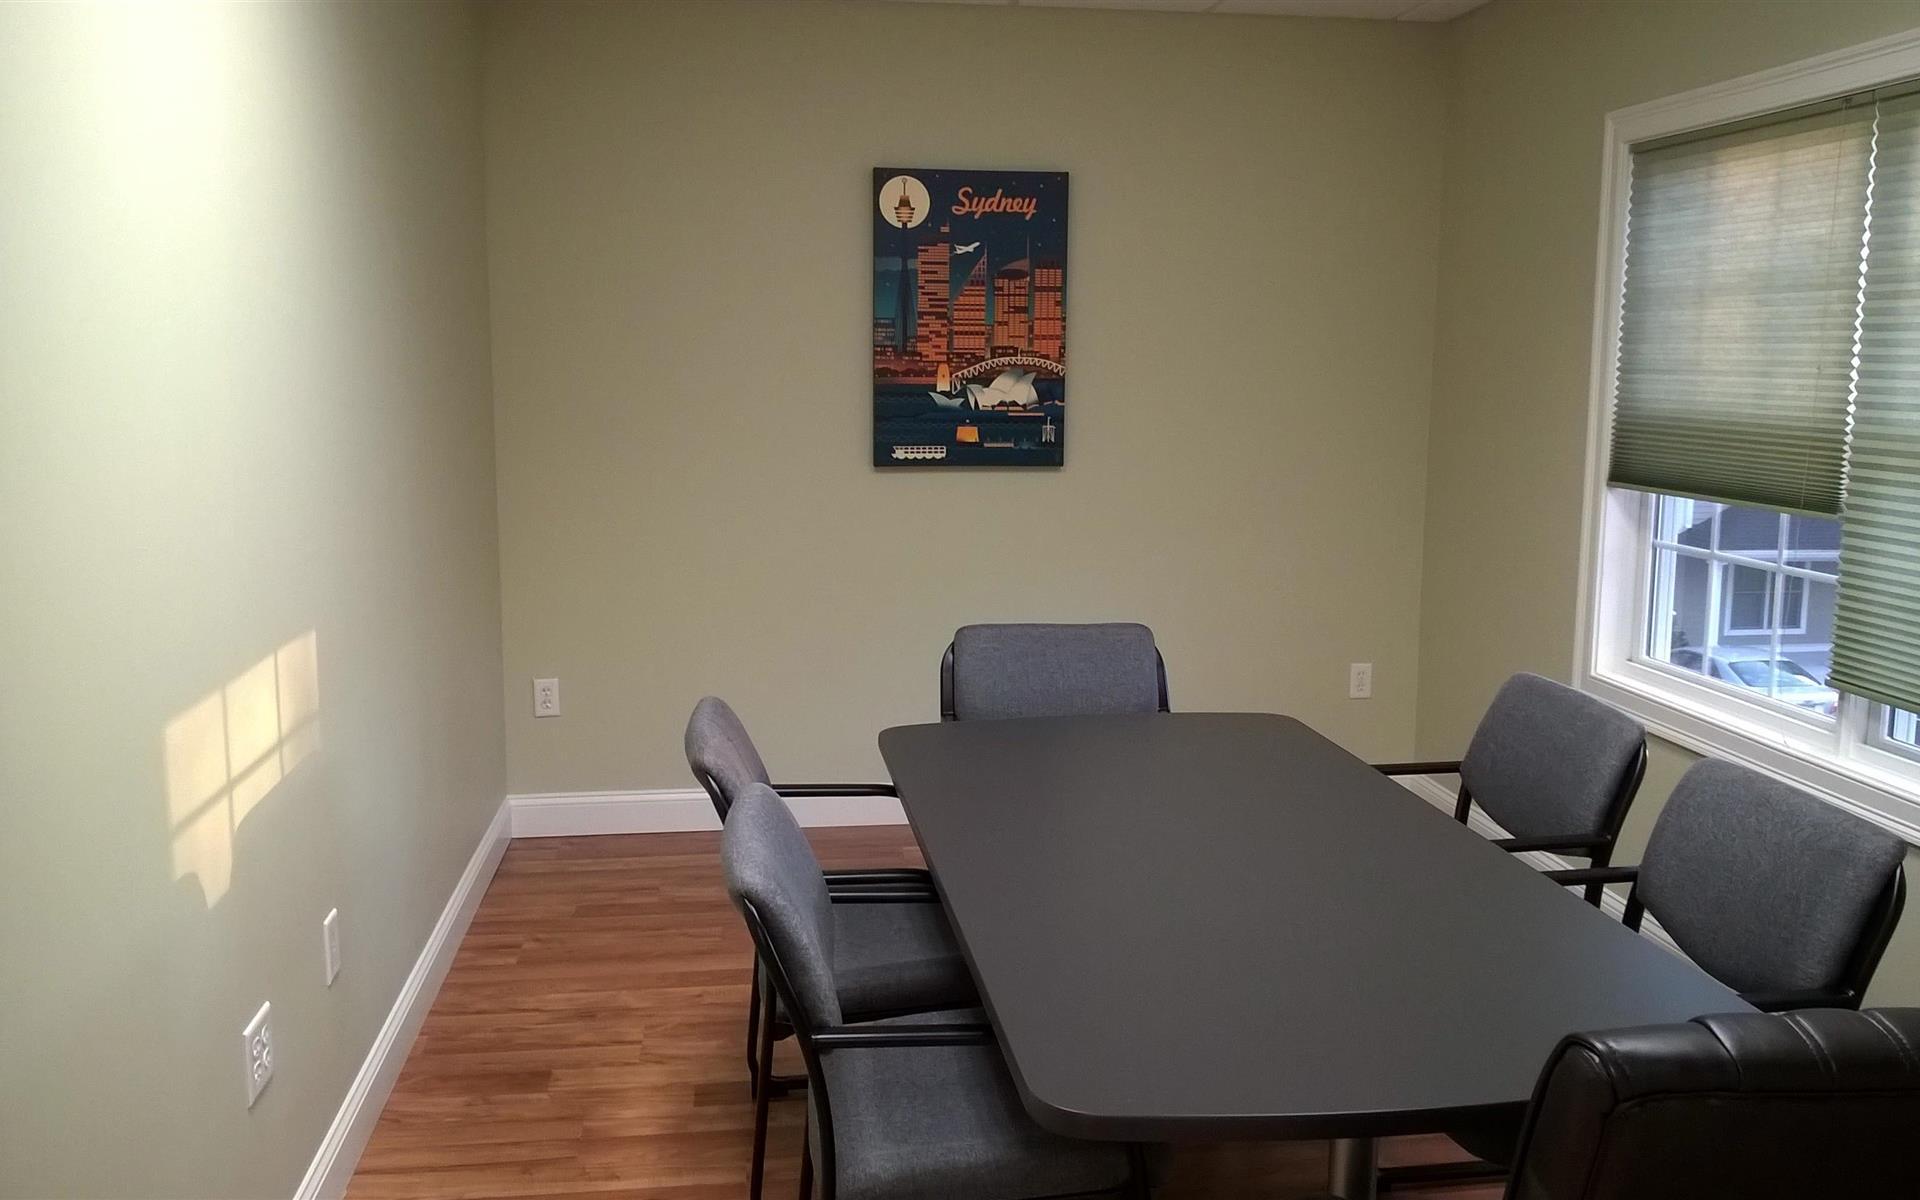 Literra, LLC - Team office - Sydney Room